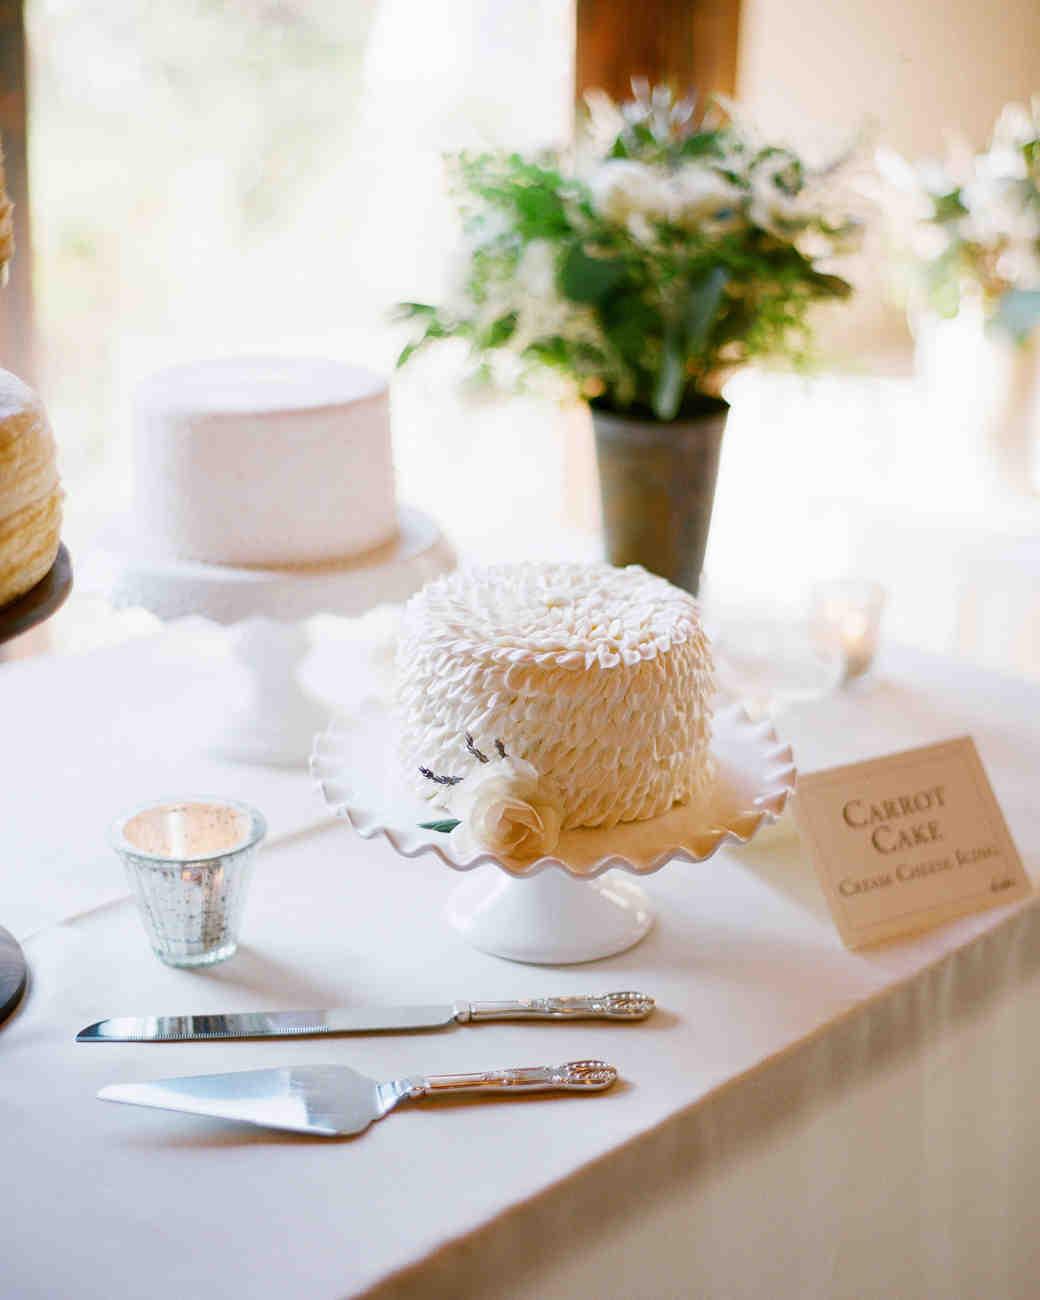 catherine-adrien-wedding-cakes-0708-s111414-0814.jpg